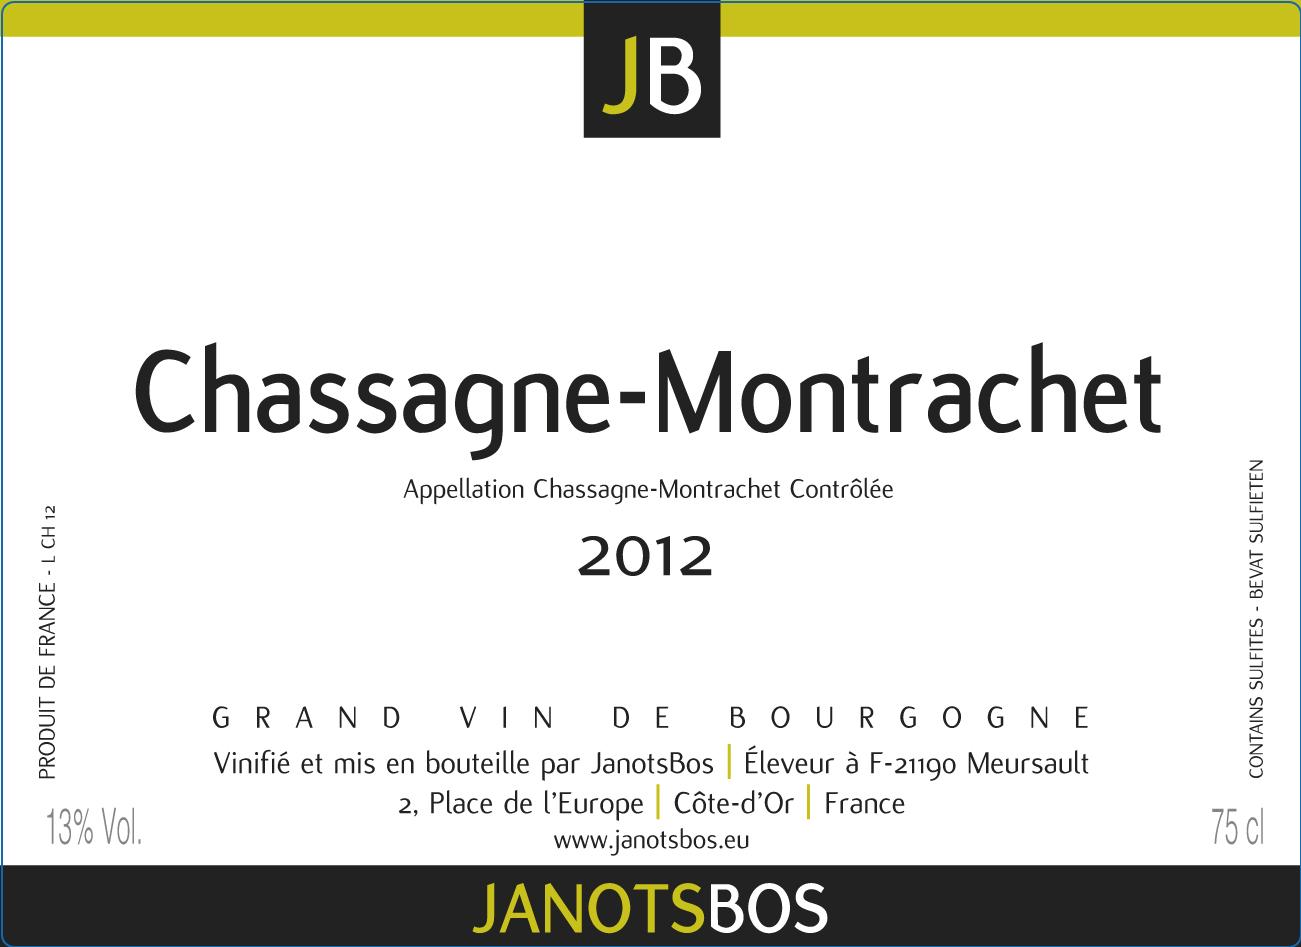 Chassagne-Montrachet-2012.jpg